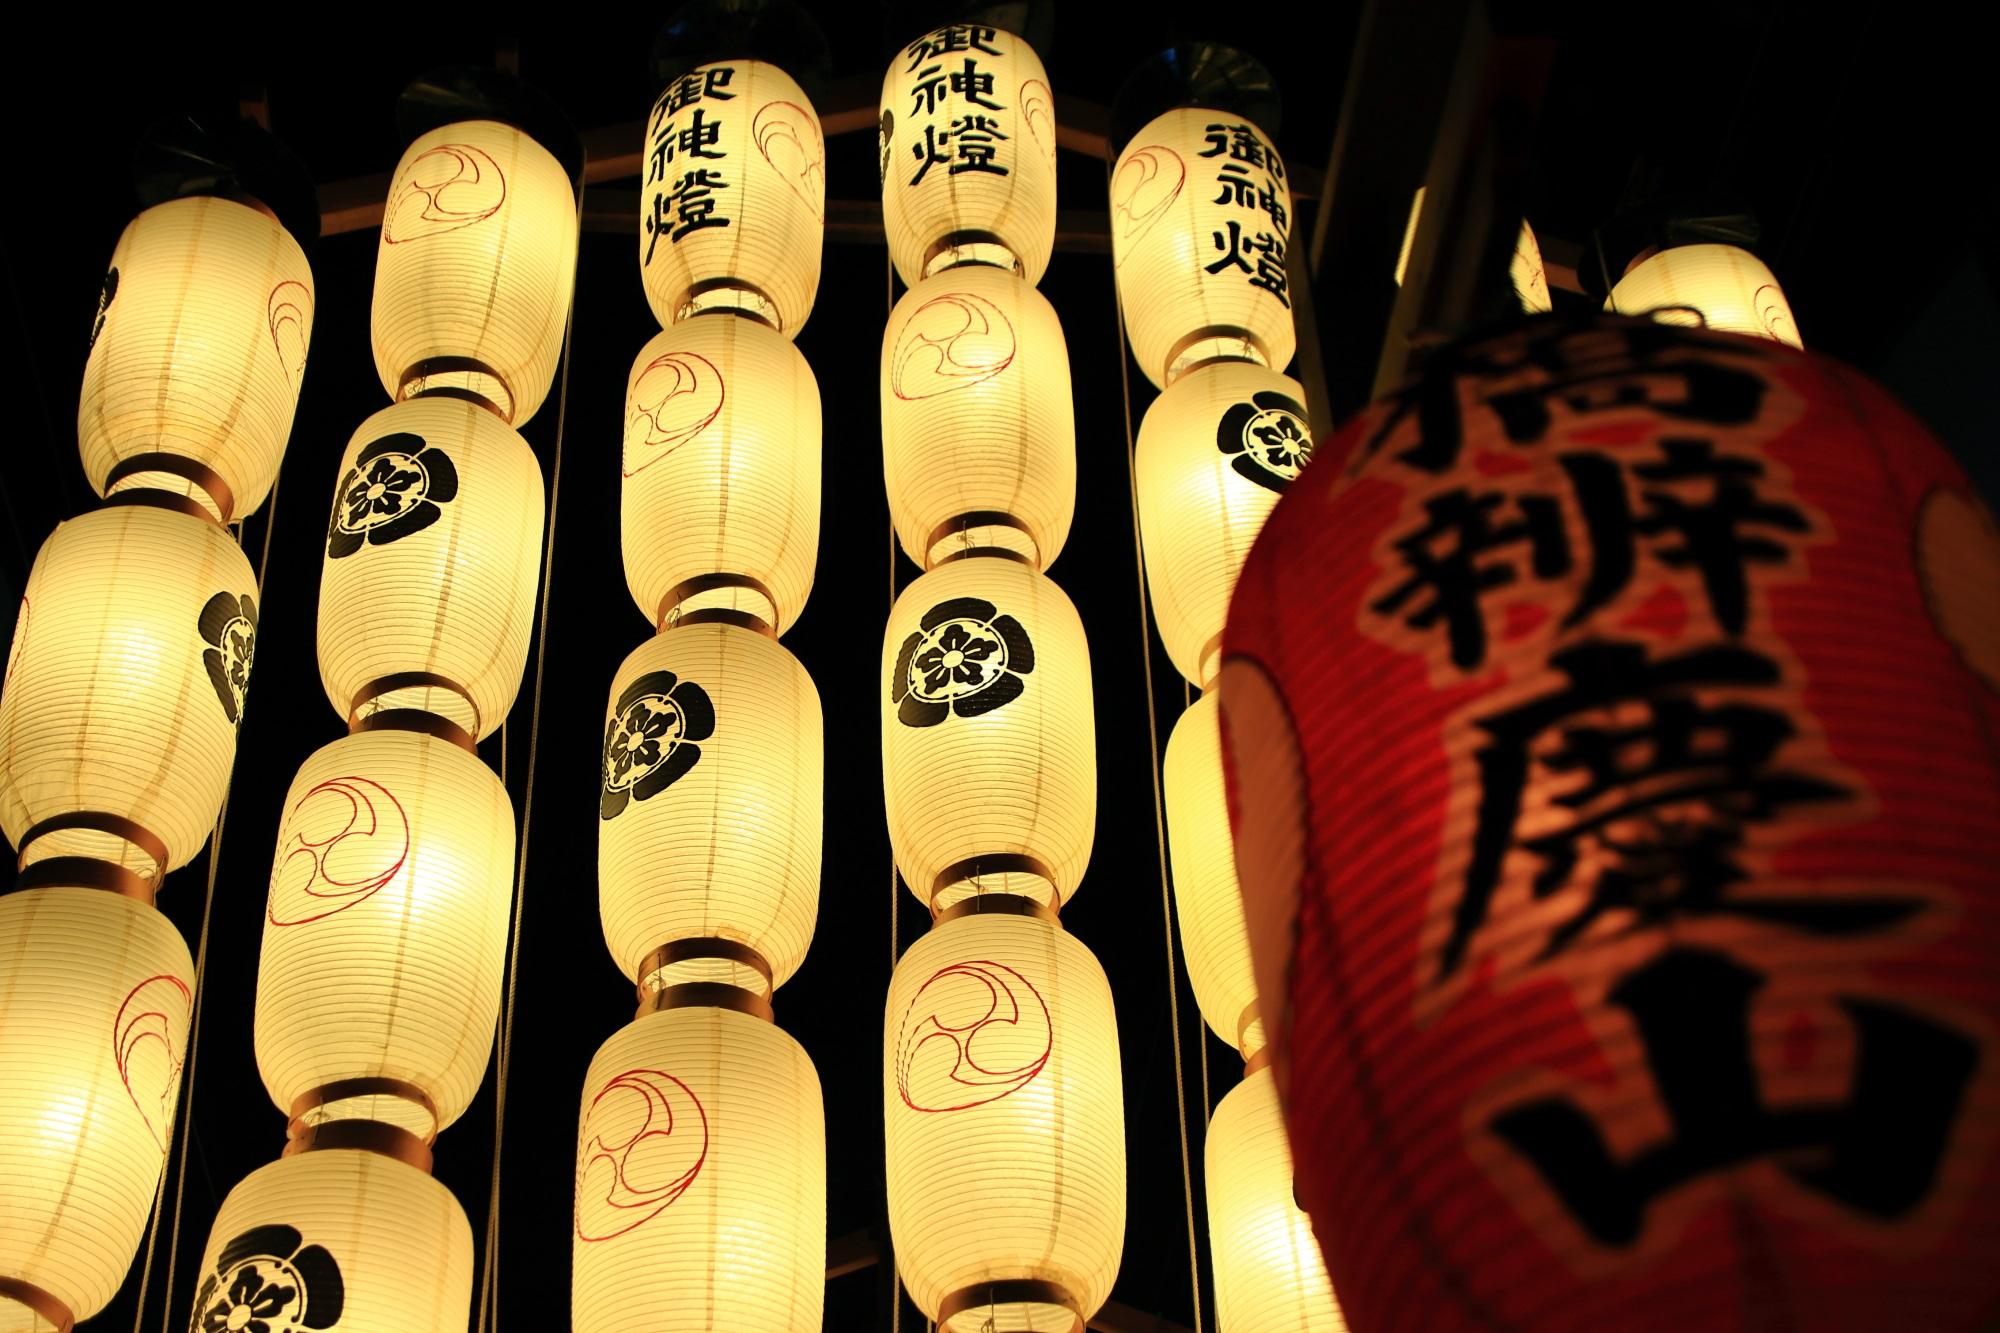 橋弁慶山 宵山 駒形提灯 祇園祭 後祭